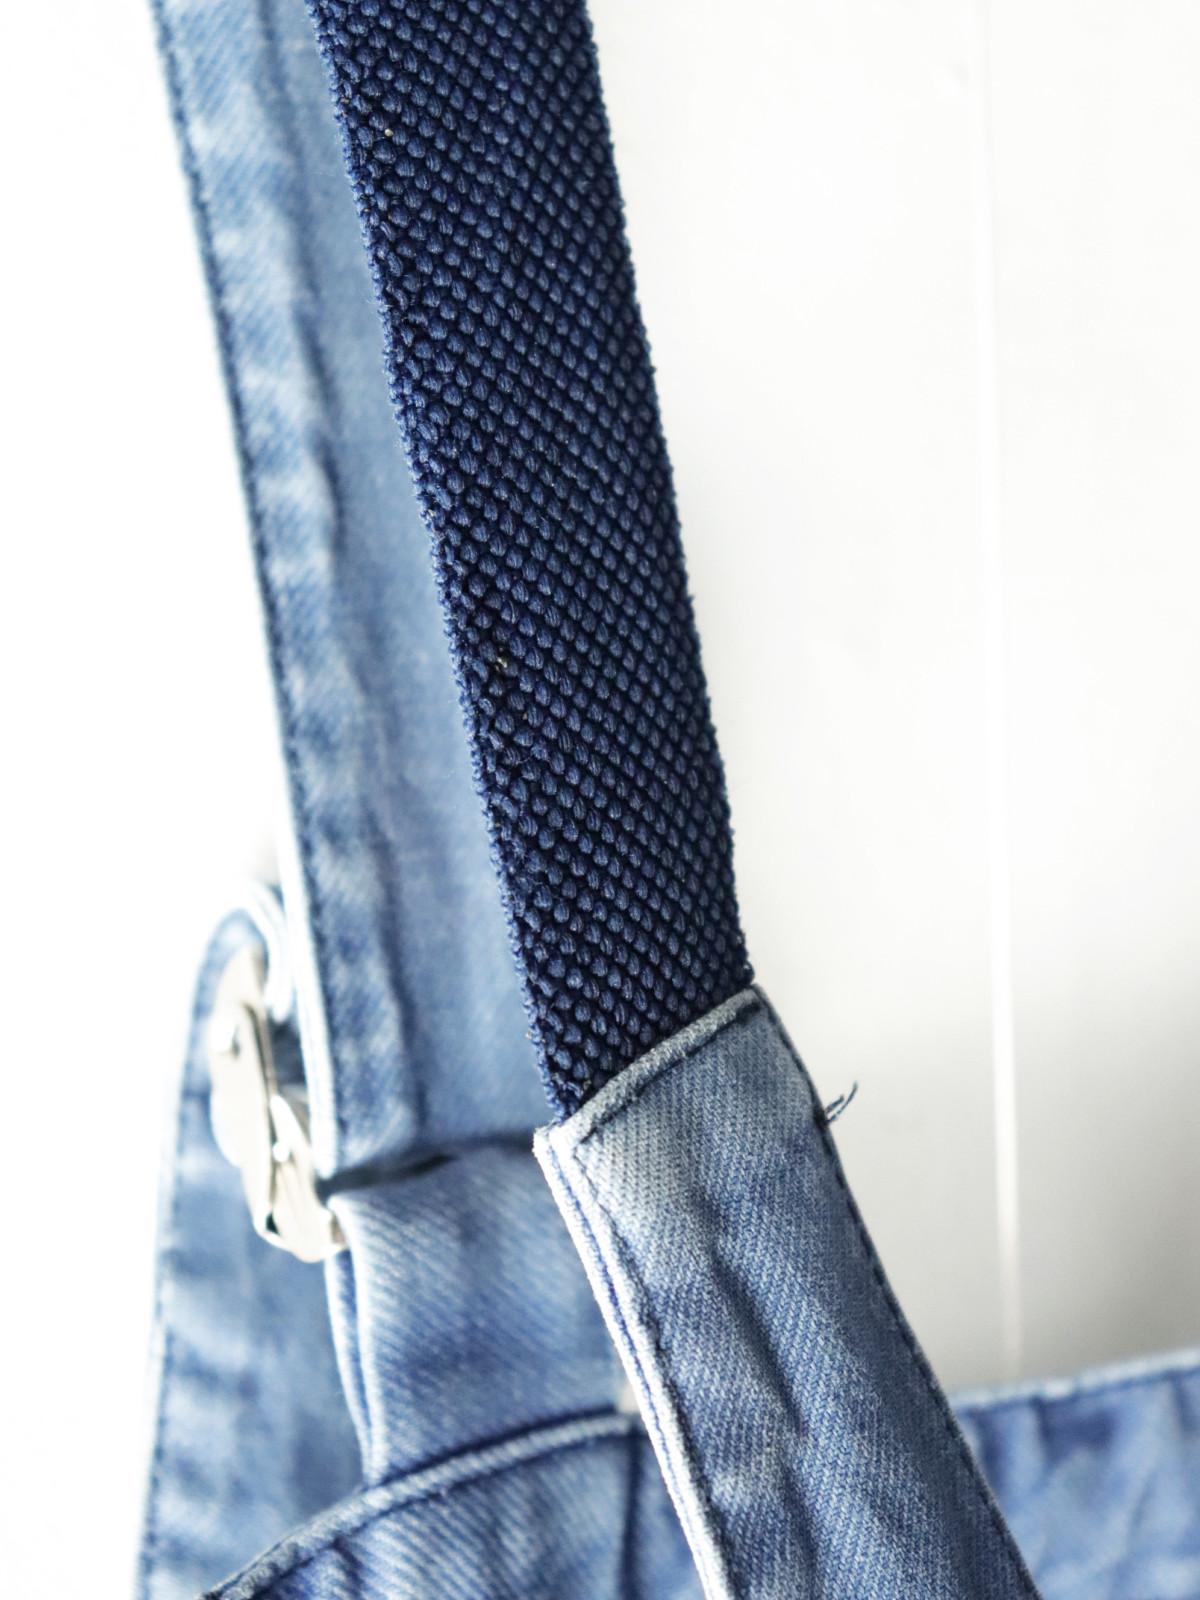 Vintage ,cotton, work, overalls, France